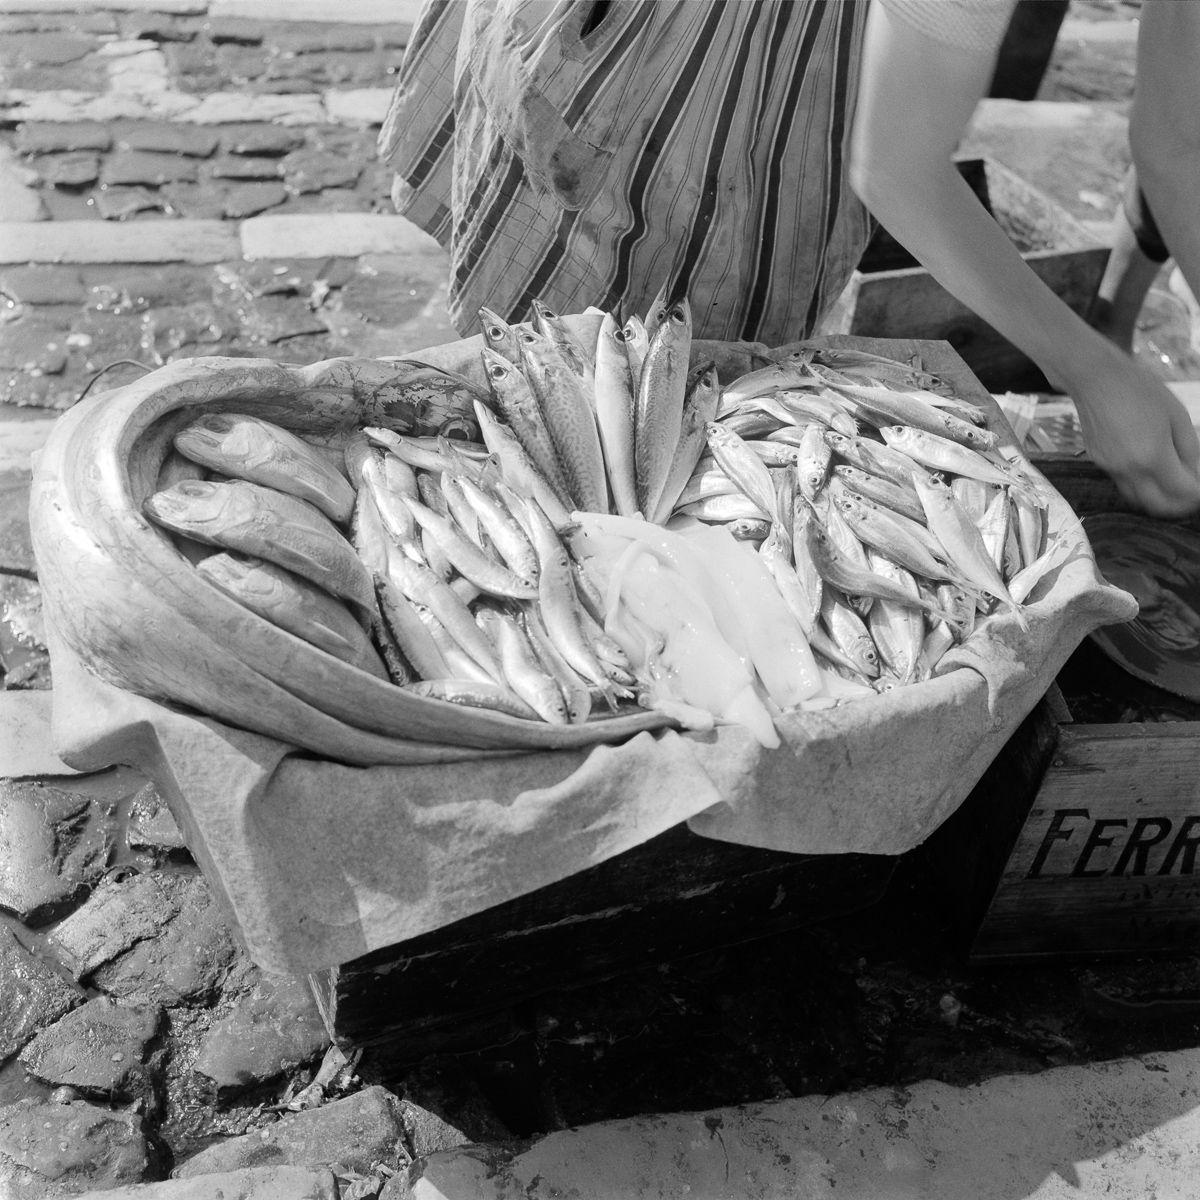 Fotografias deslumbrantes capturam a cultura da pesca dos anos 50 em Portugal 06